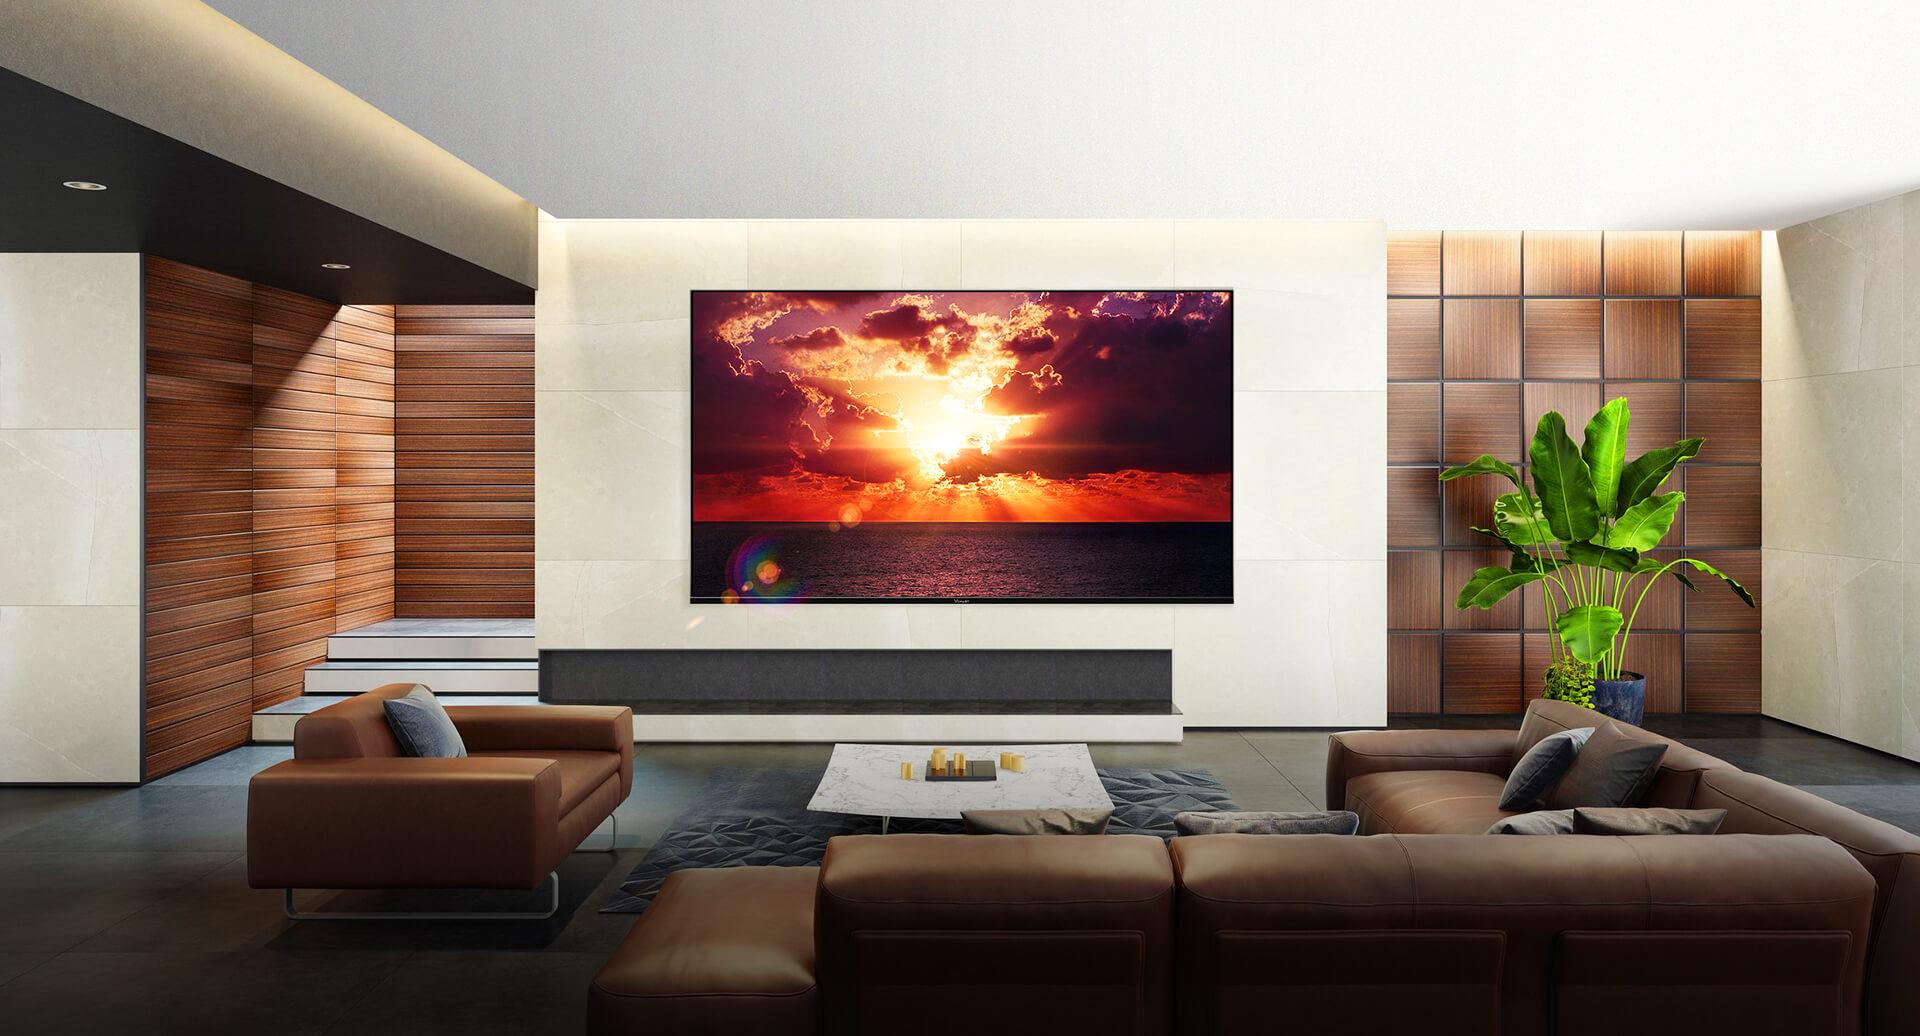 VSmart TV 55KE8500